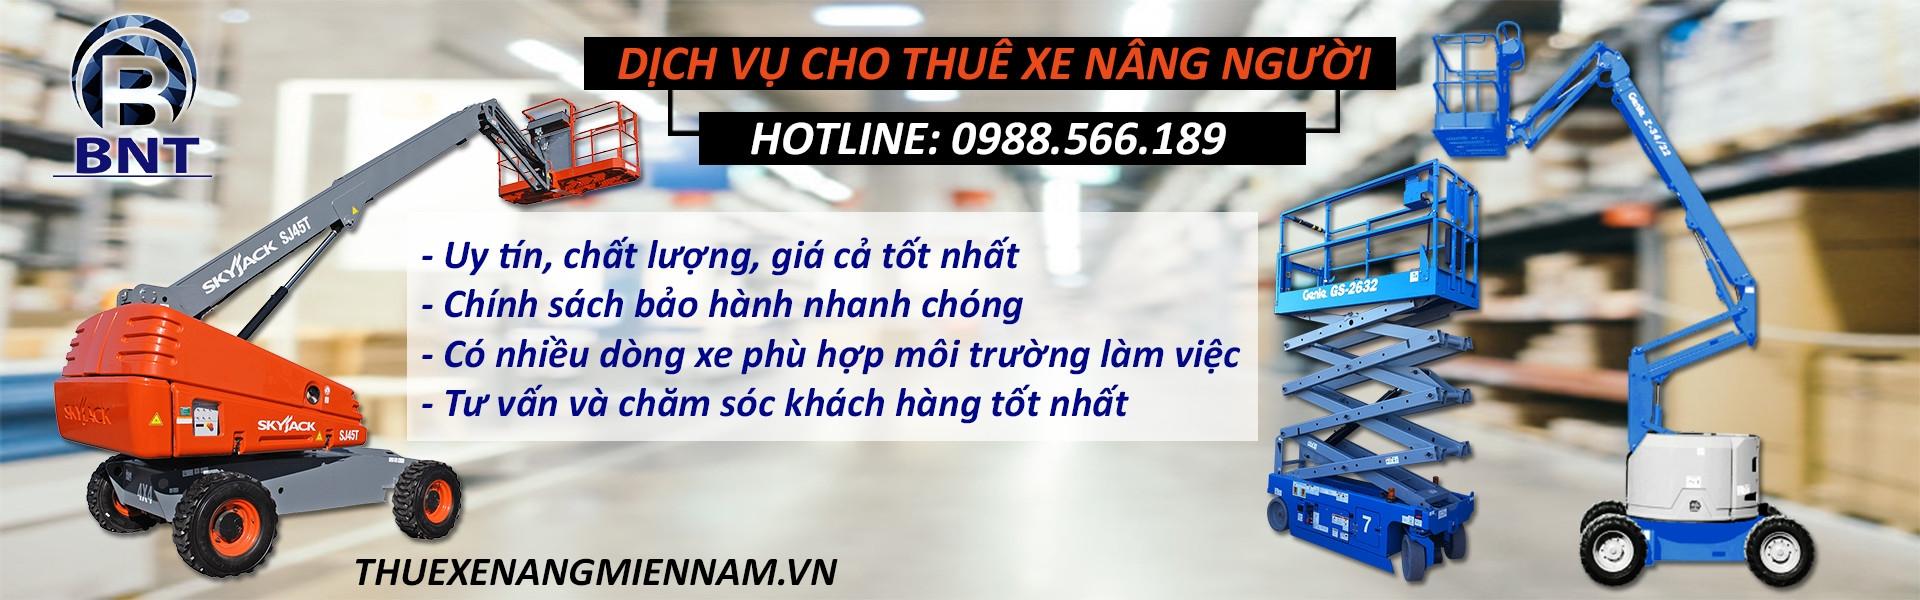 Thuê xe nang Miền Nam (@thuexenangmiennam) Cover Image